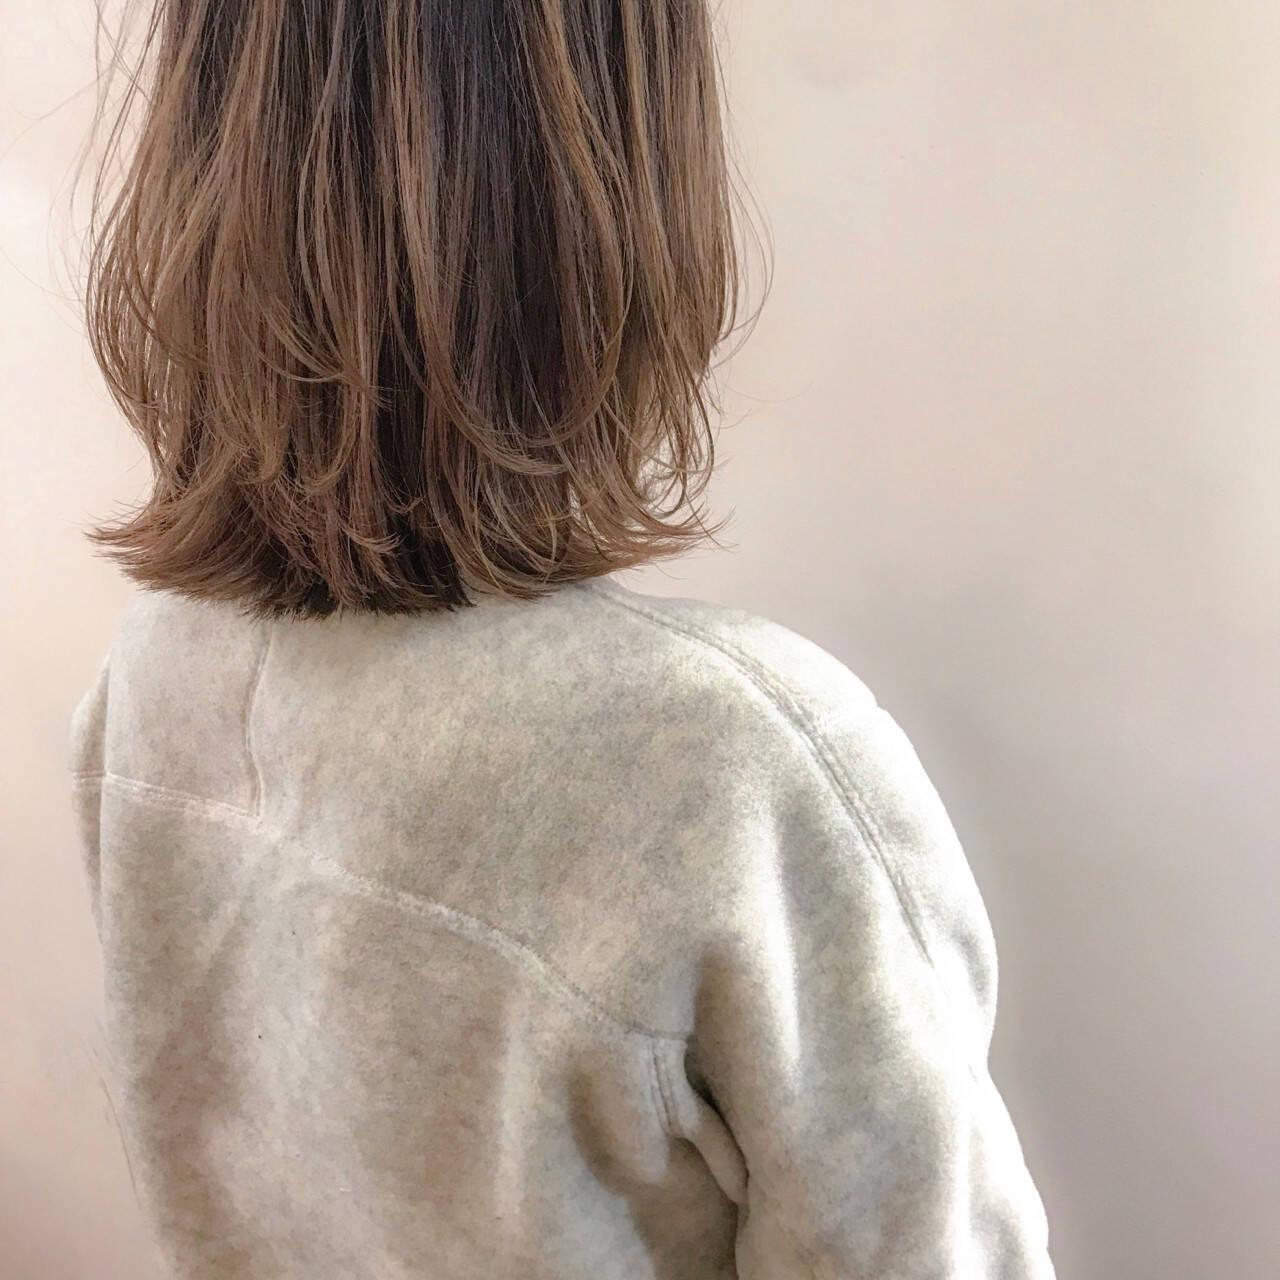 ナチュラル ウルフカット こなれ感 ミディアムヘアスタイルや髪型の写真・画像